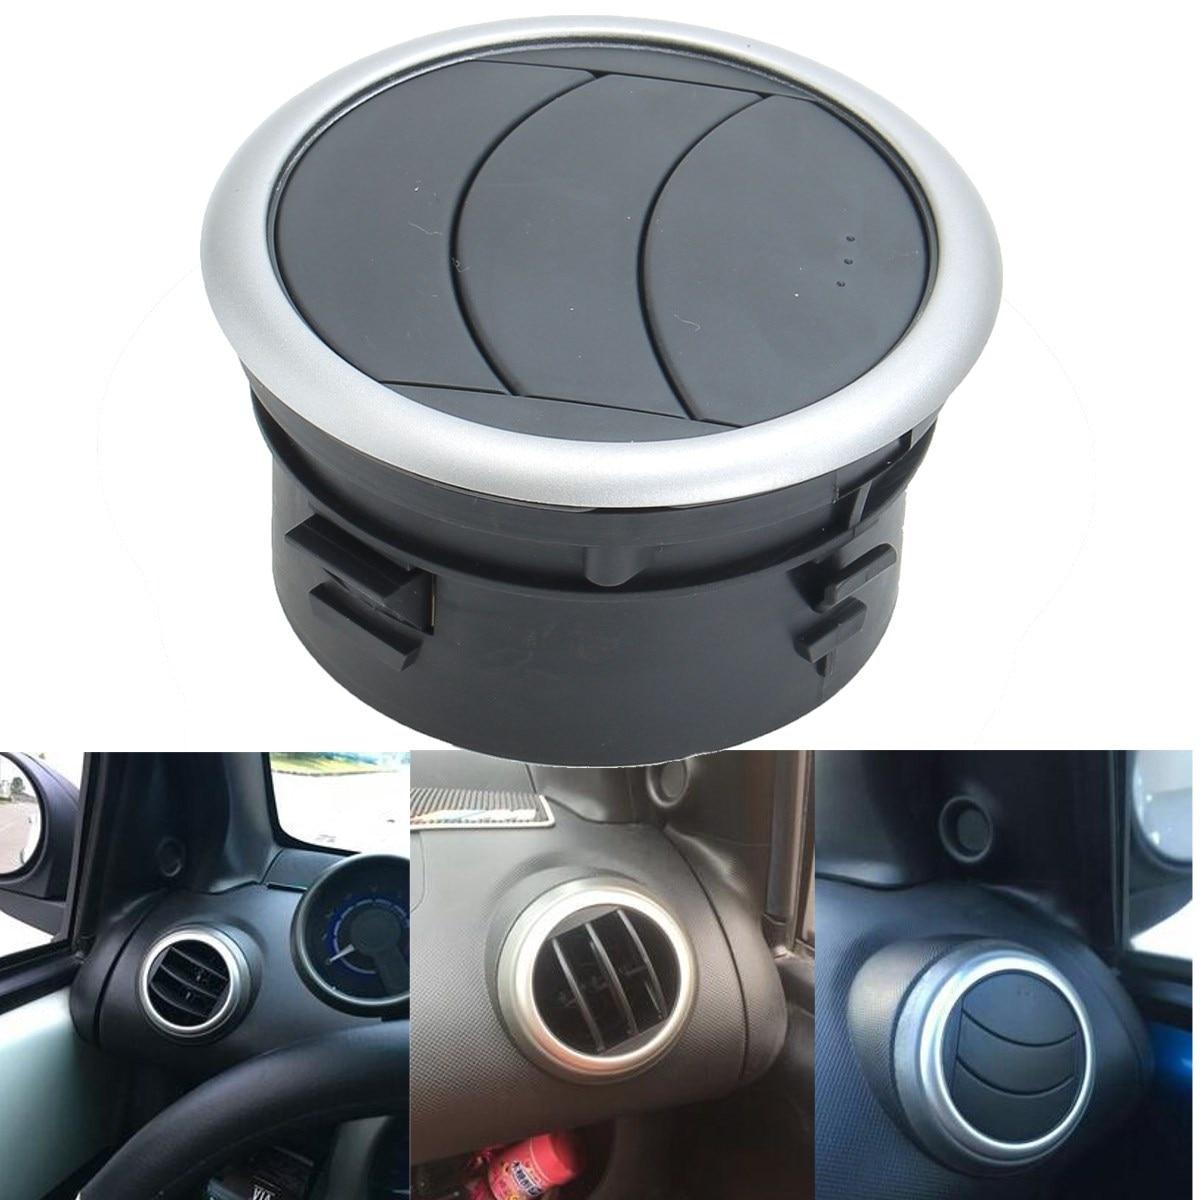 Ford Mondeo Mk3 Salpicadero Ventilación Calentador de aire 2005